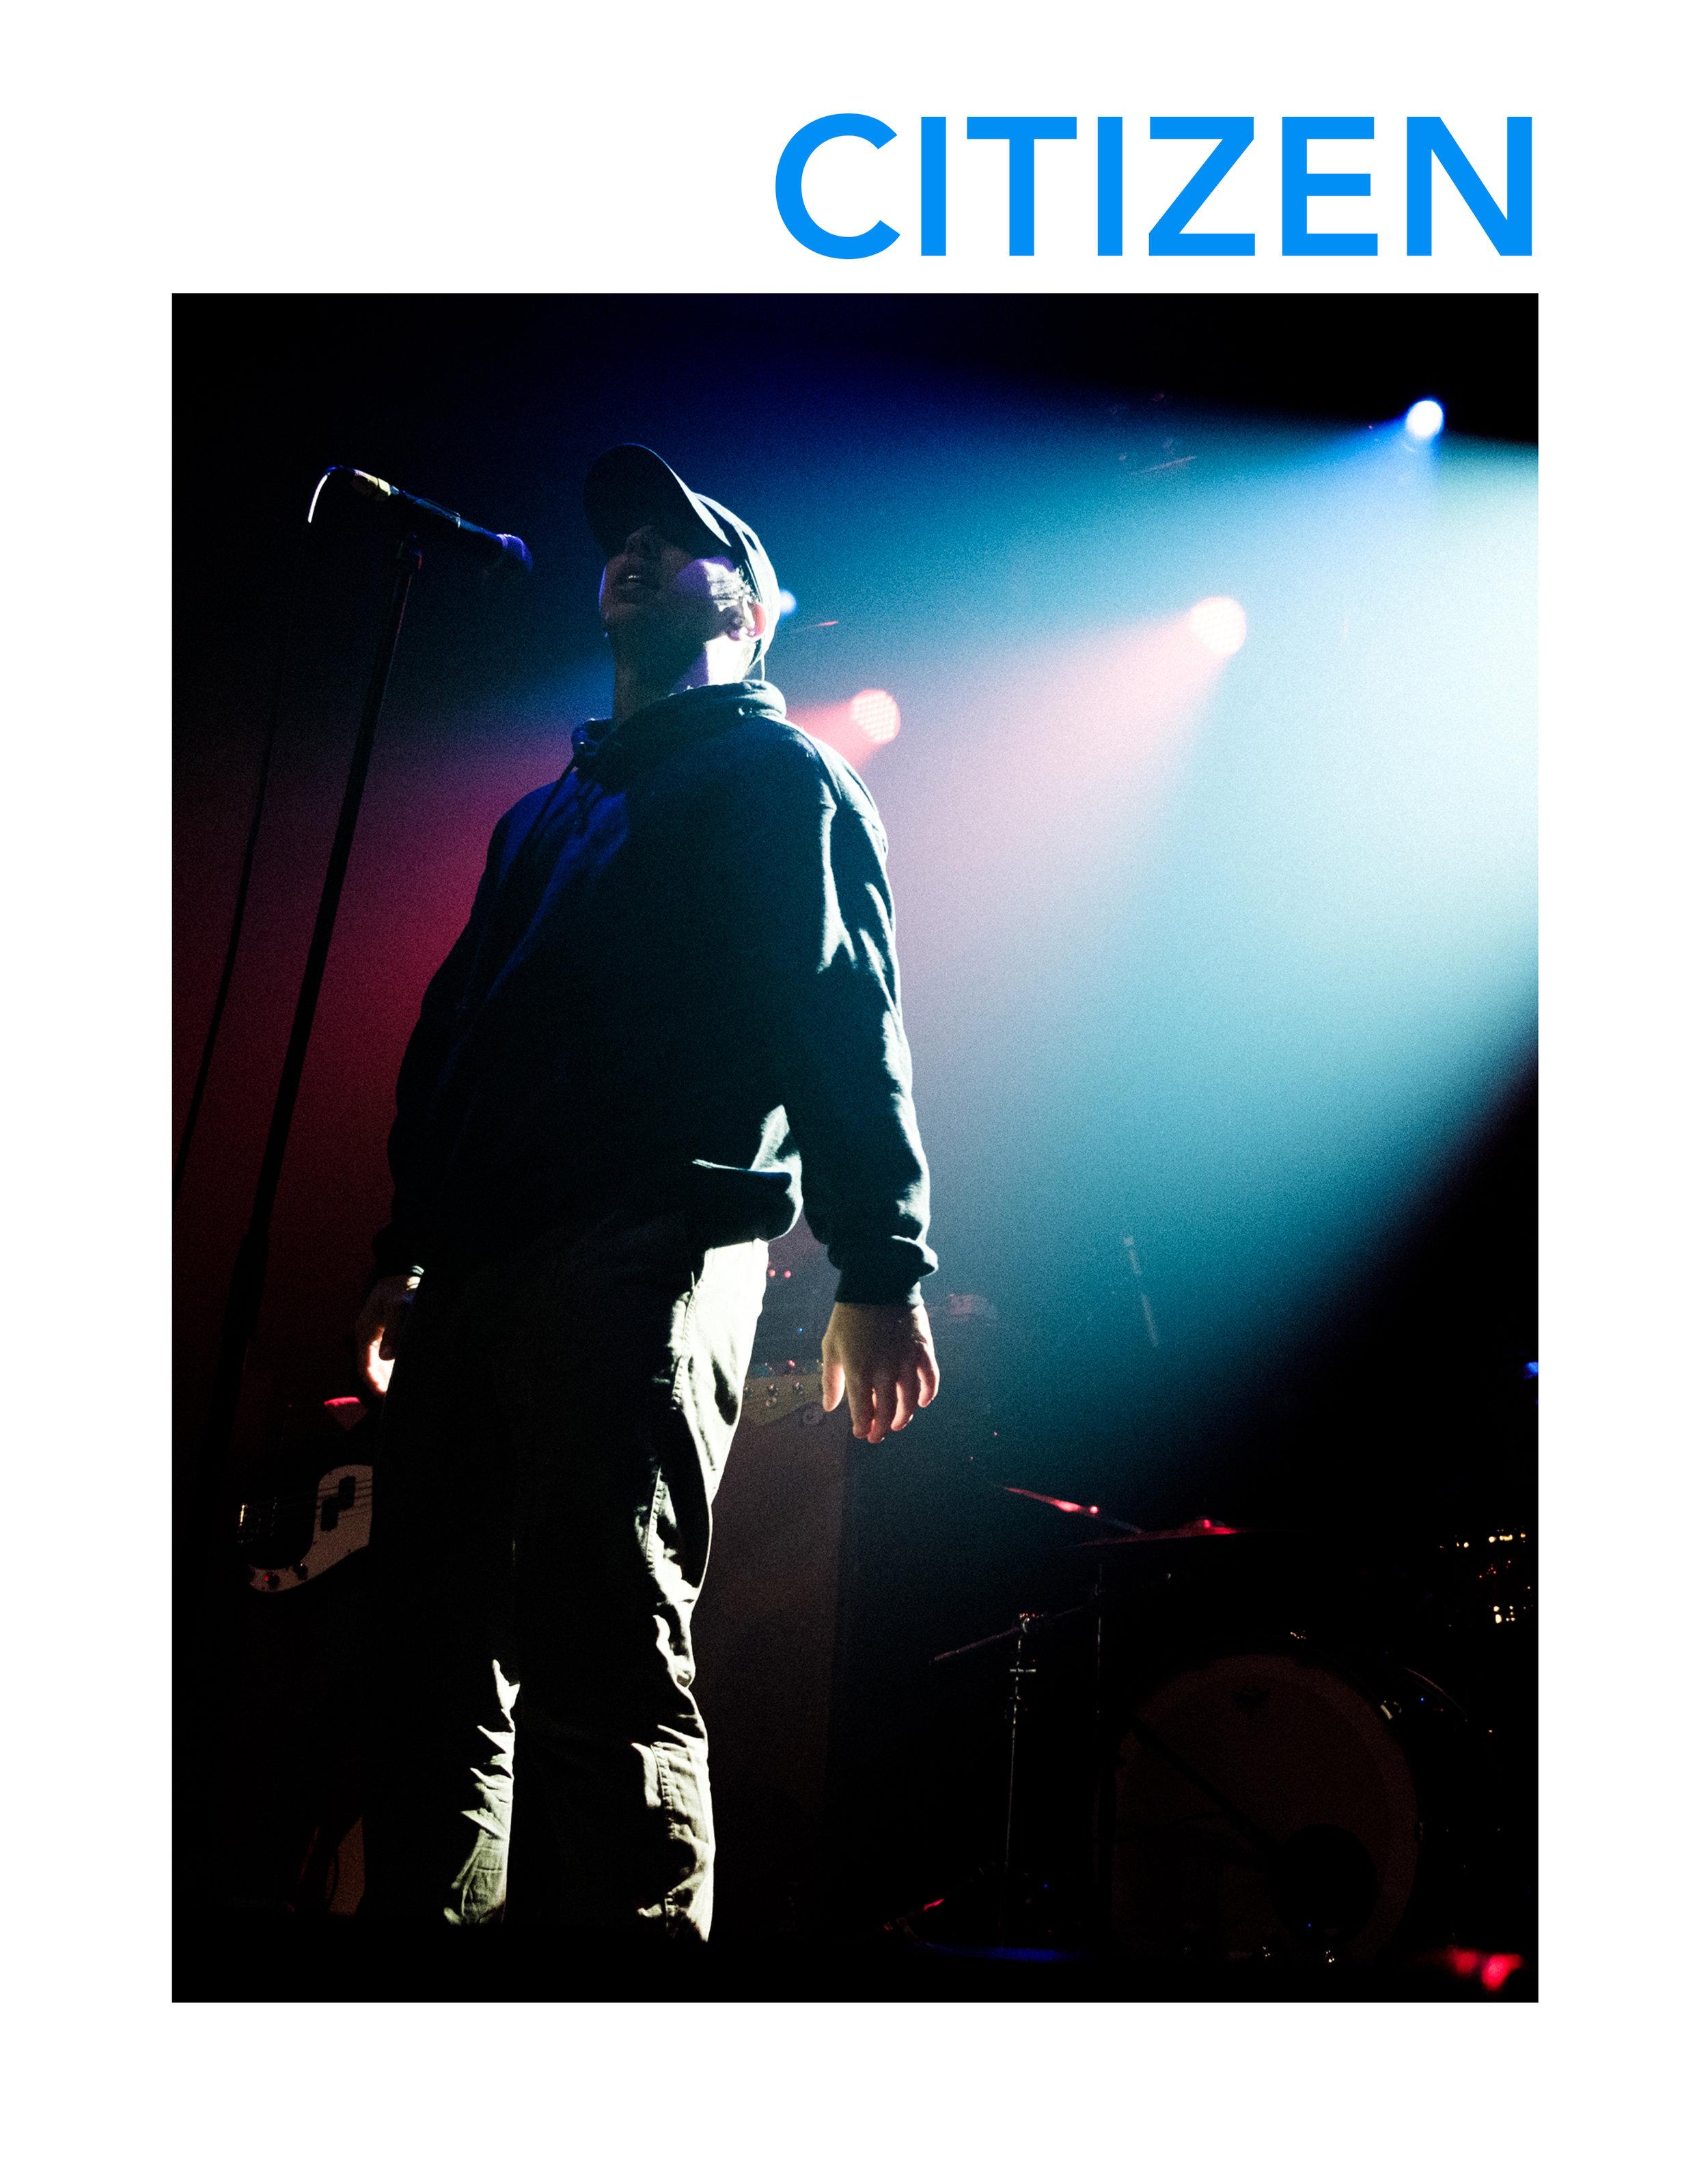 Citizen-2.jpg